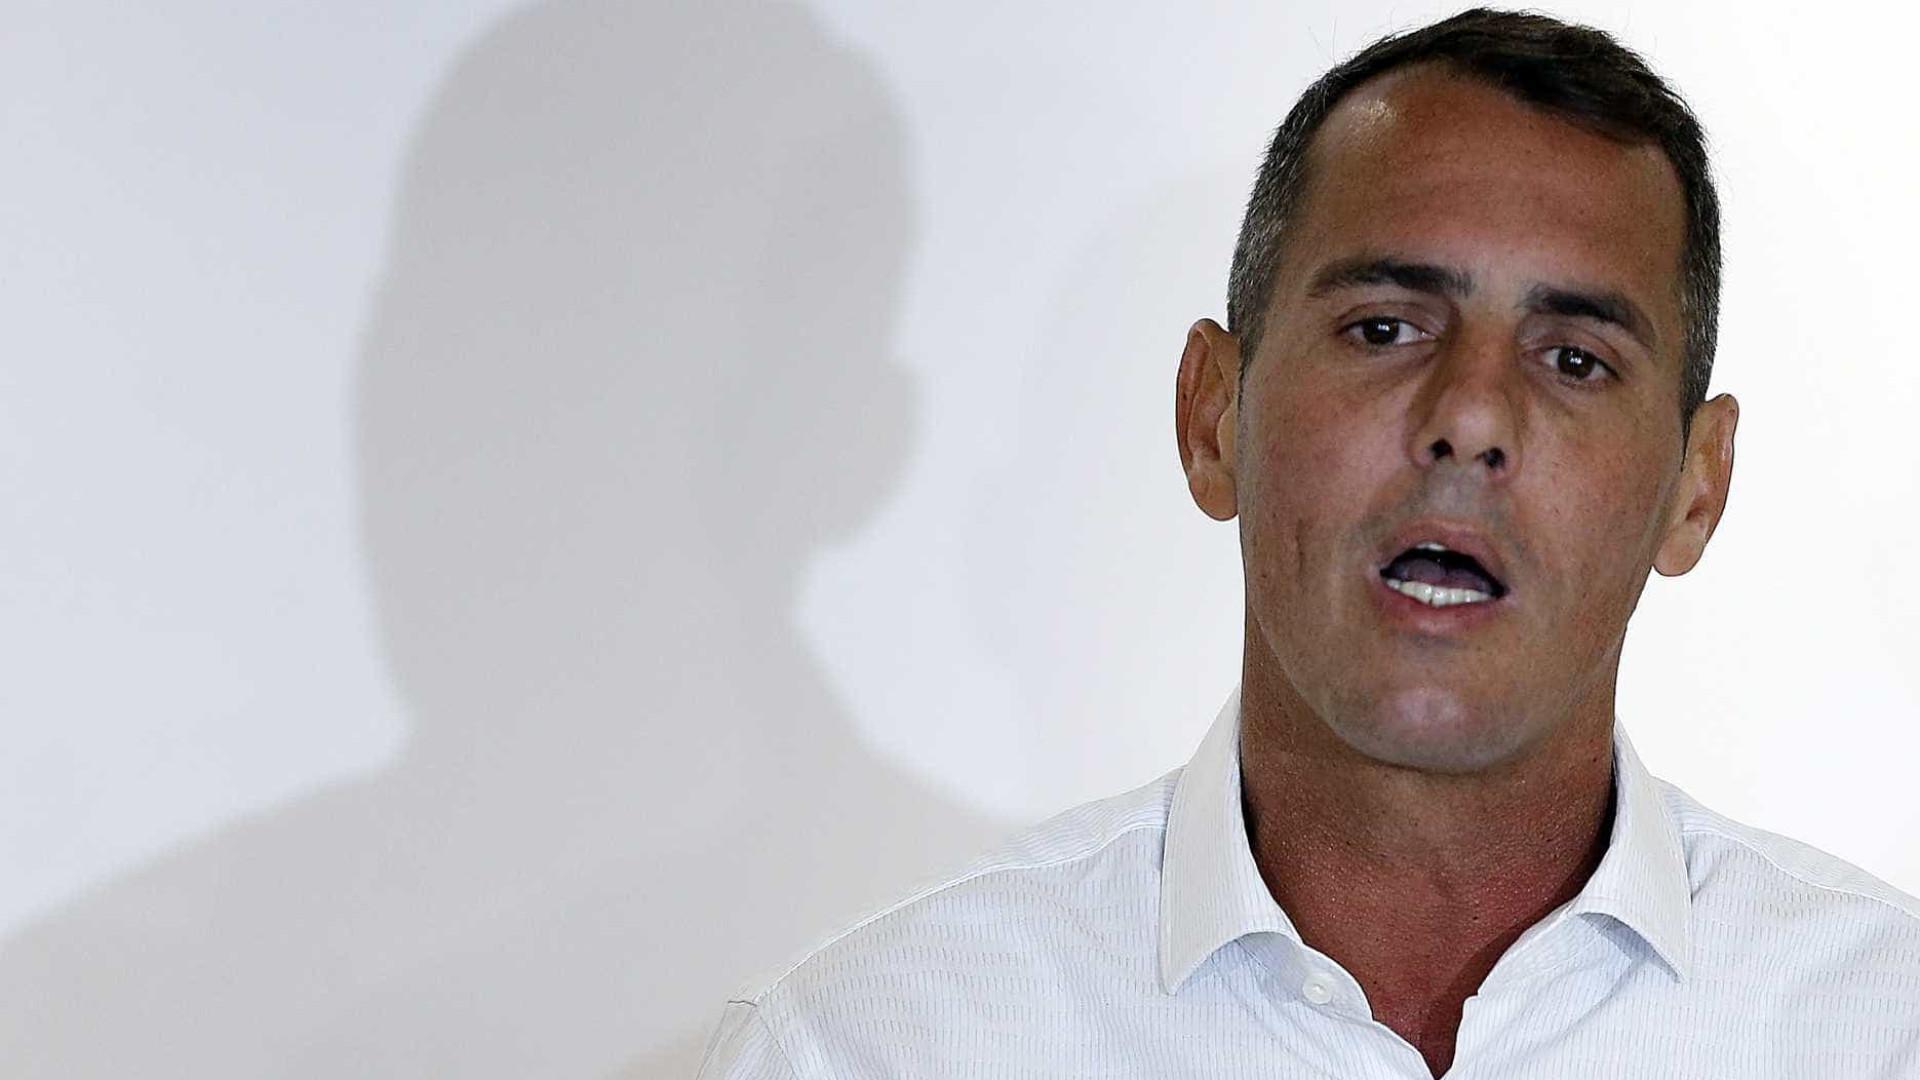 'Continuo indignado com essa acusação maligna', diz Marcelo Siciliano